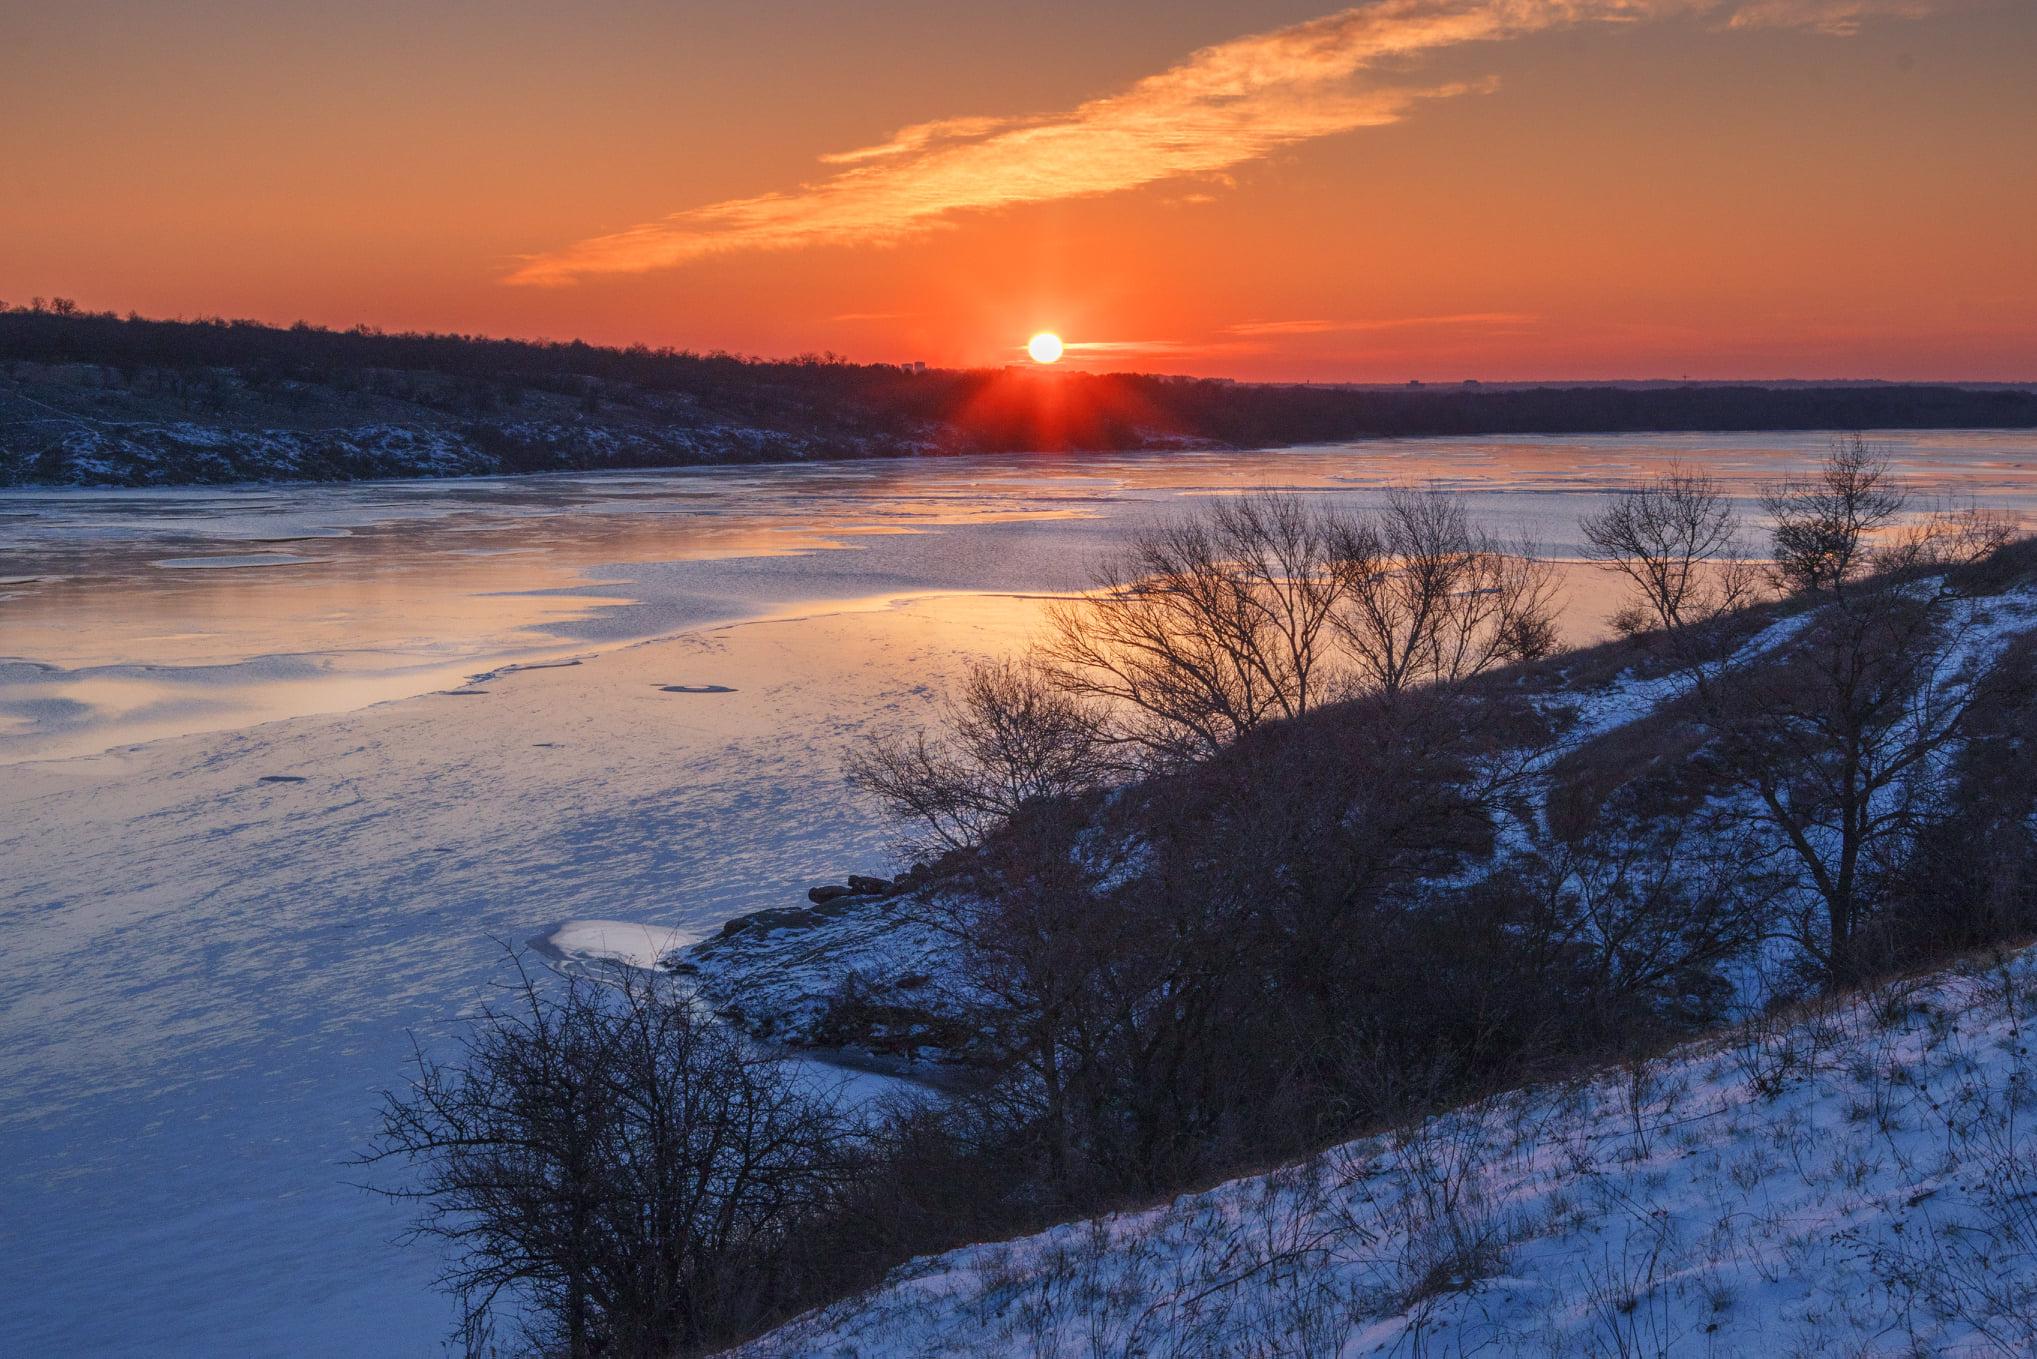 Рассвет цвета крови: запорожский фотограф запечатлел морозное утро над Хортицей (ФОТО)